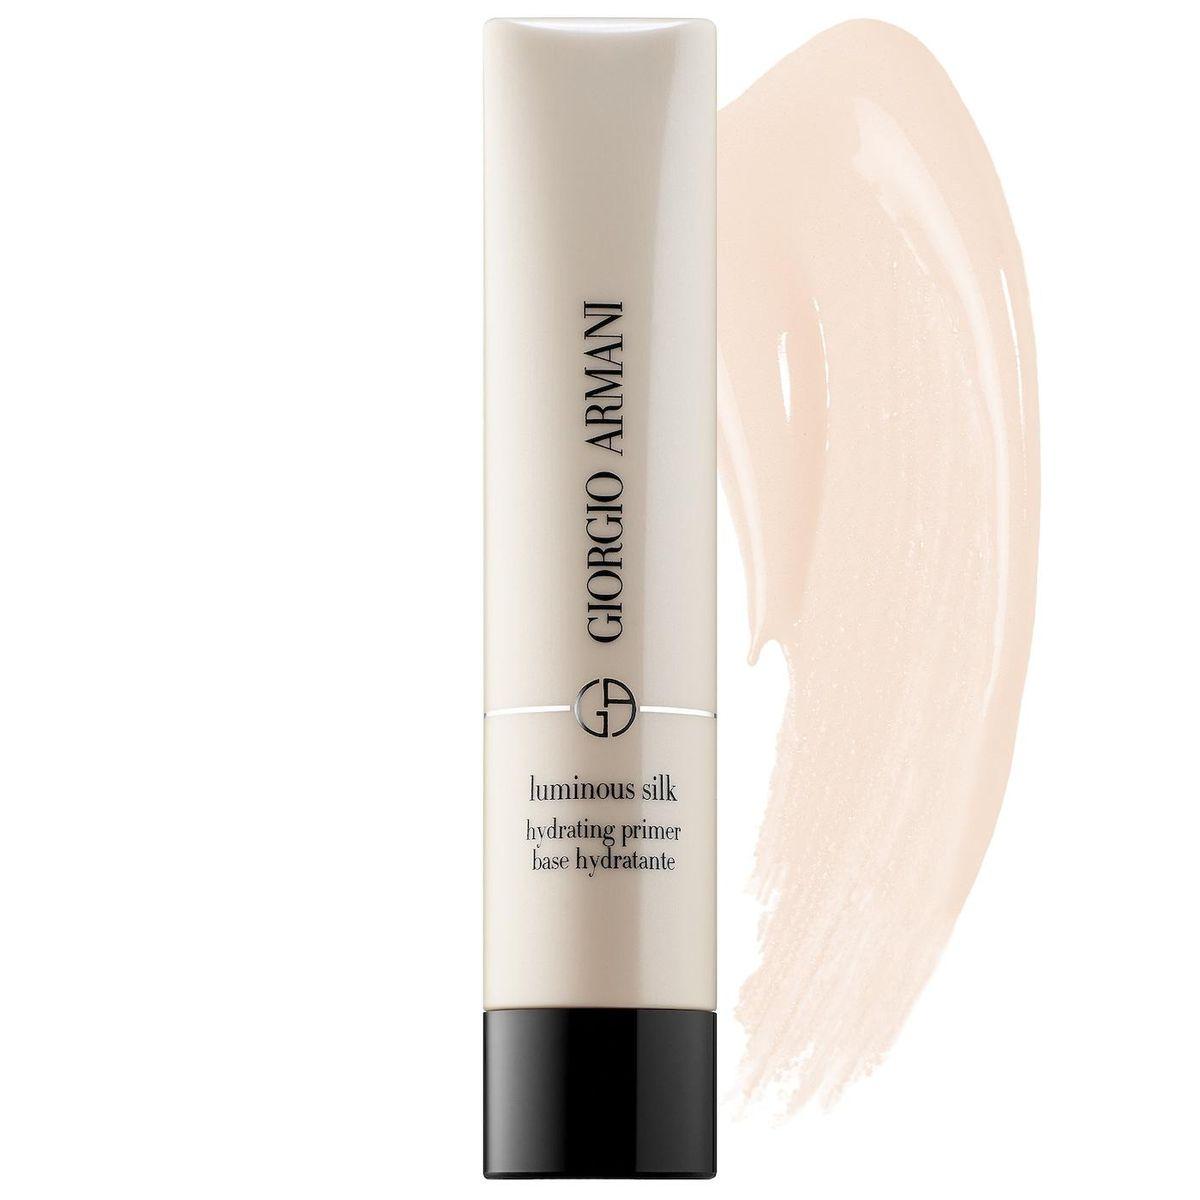 armani beauty luminous silk hydrating makeup primer